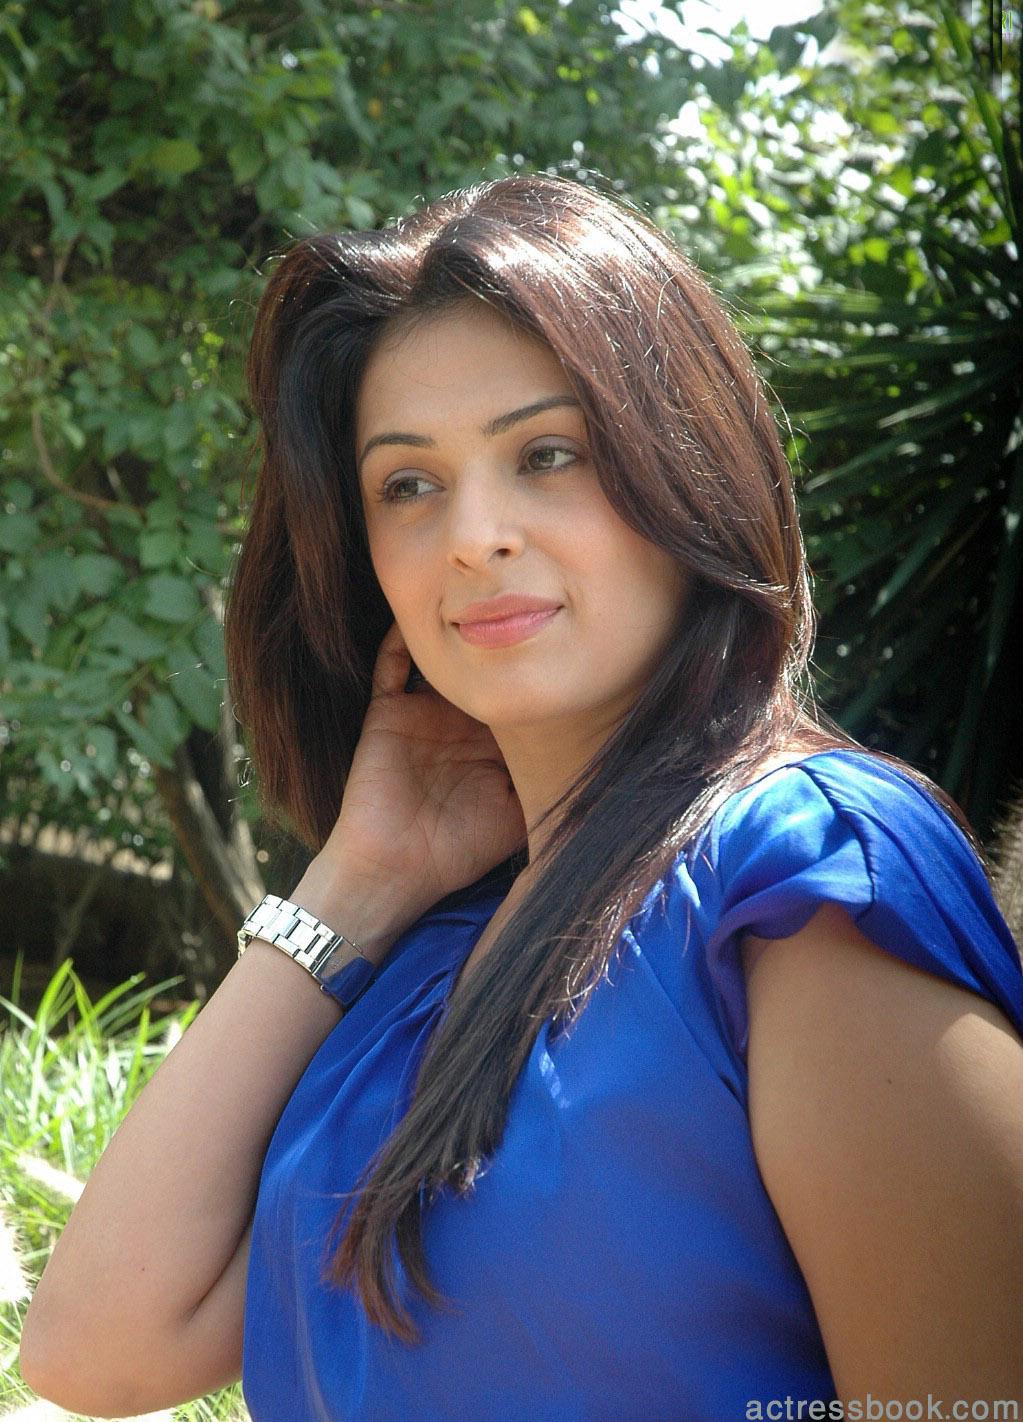 HD Wallpaper of Anjana Sukhani | HD Wallpapers